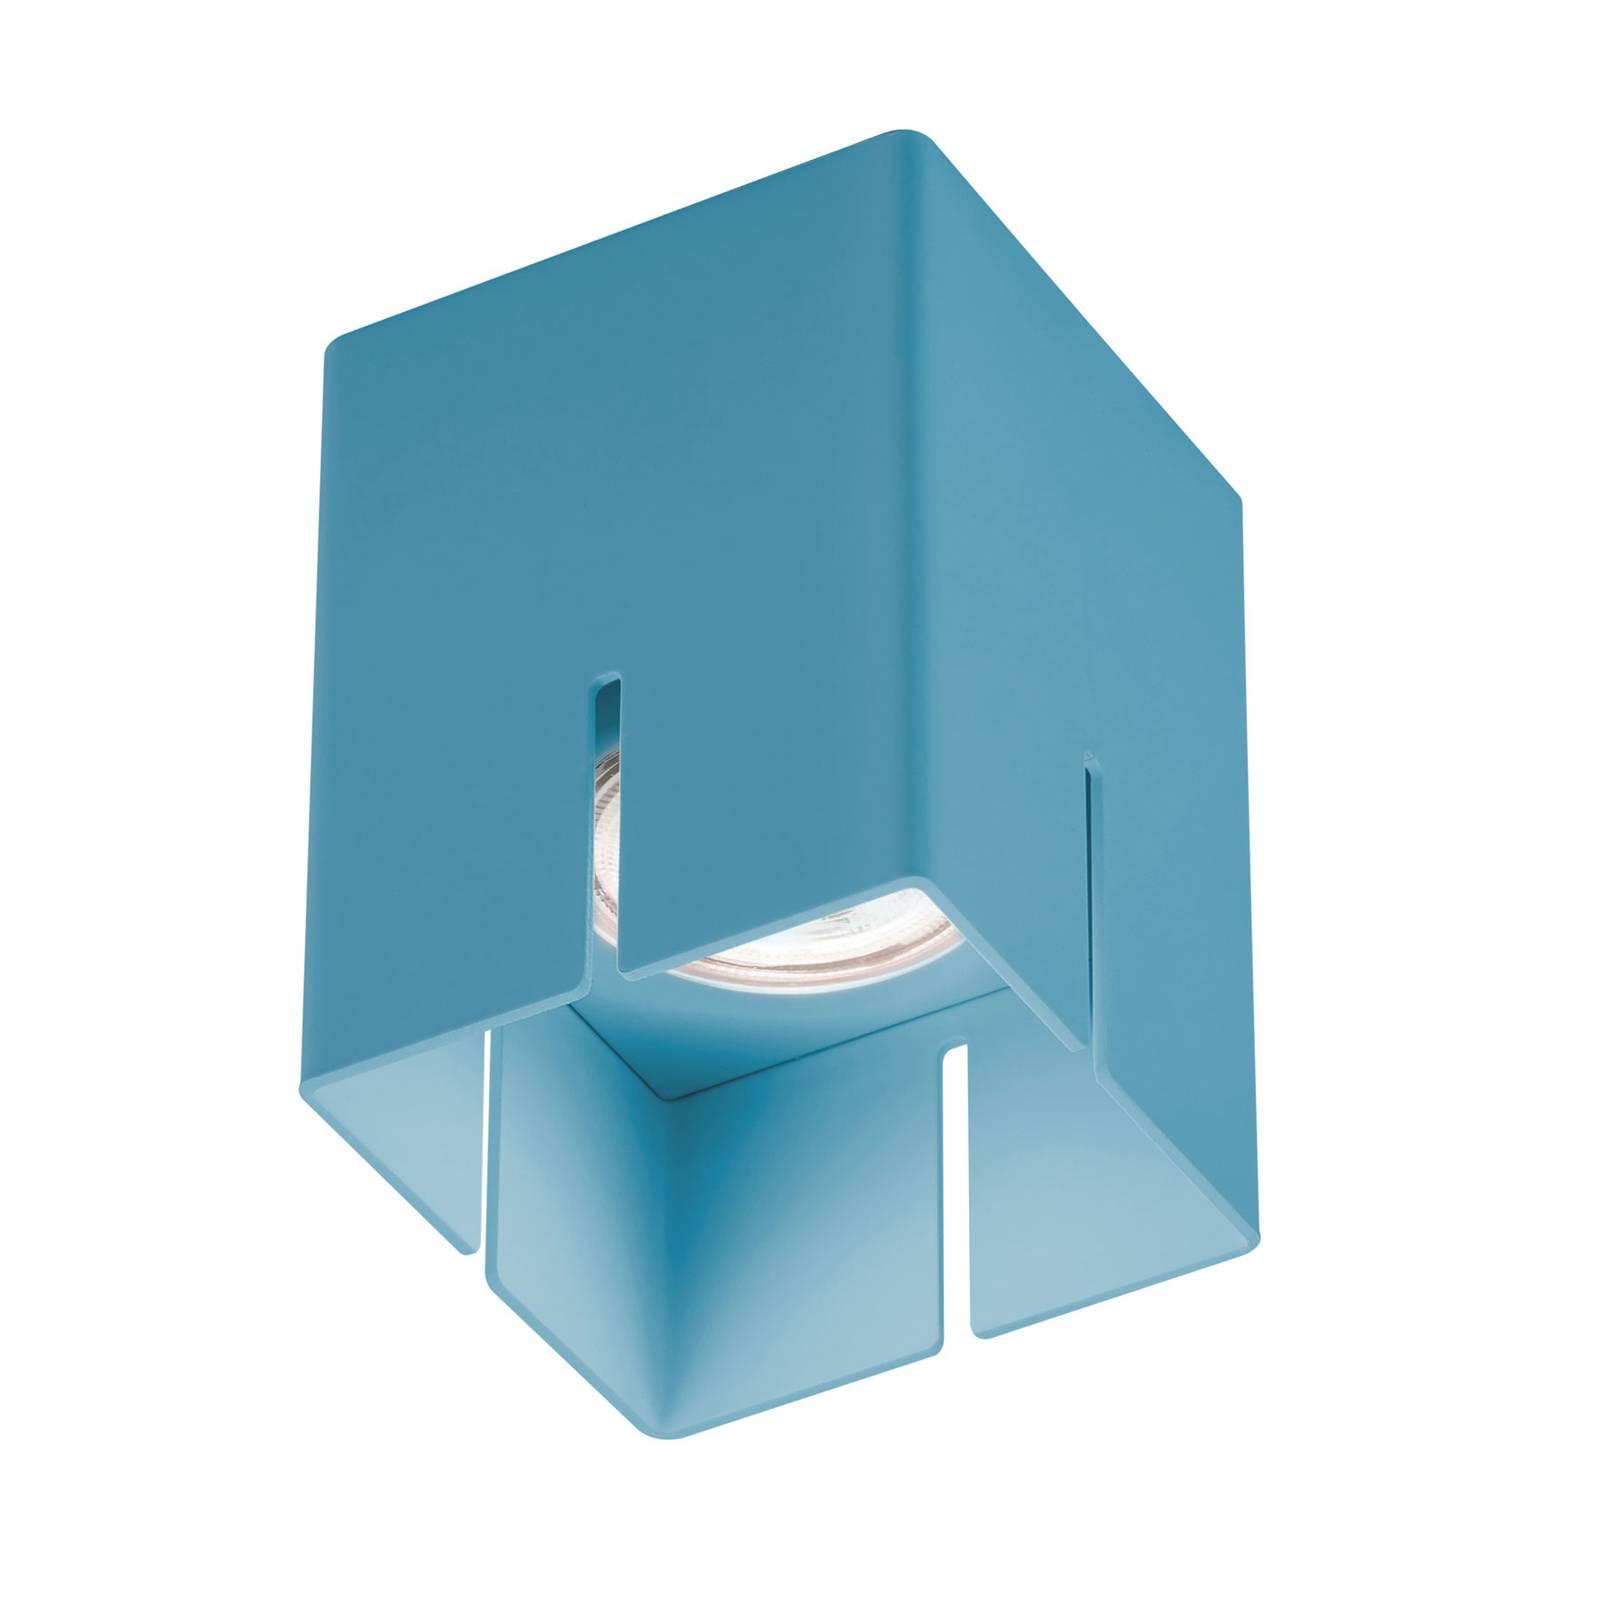 Baulmann 83.200 Deckenleuchte, blau, Höhe 10 cm